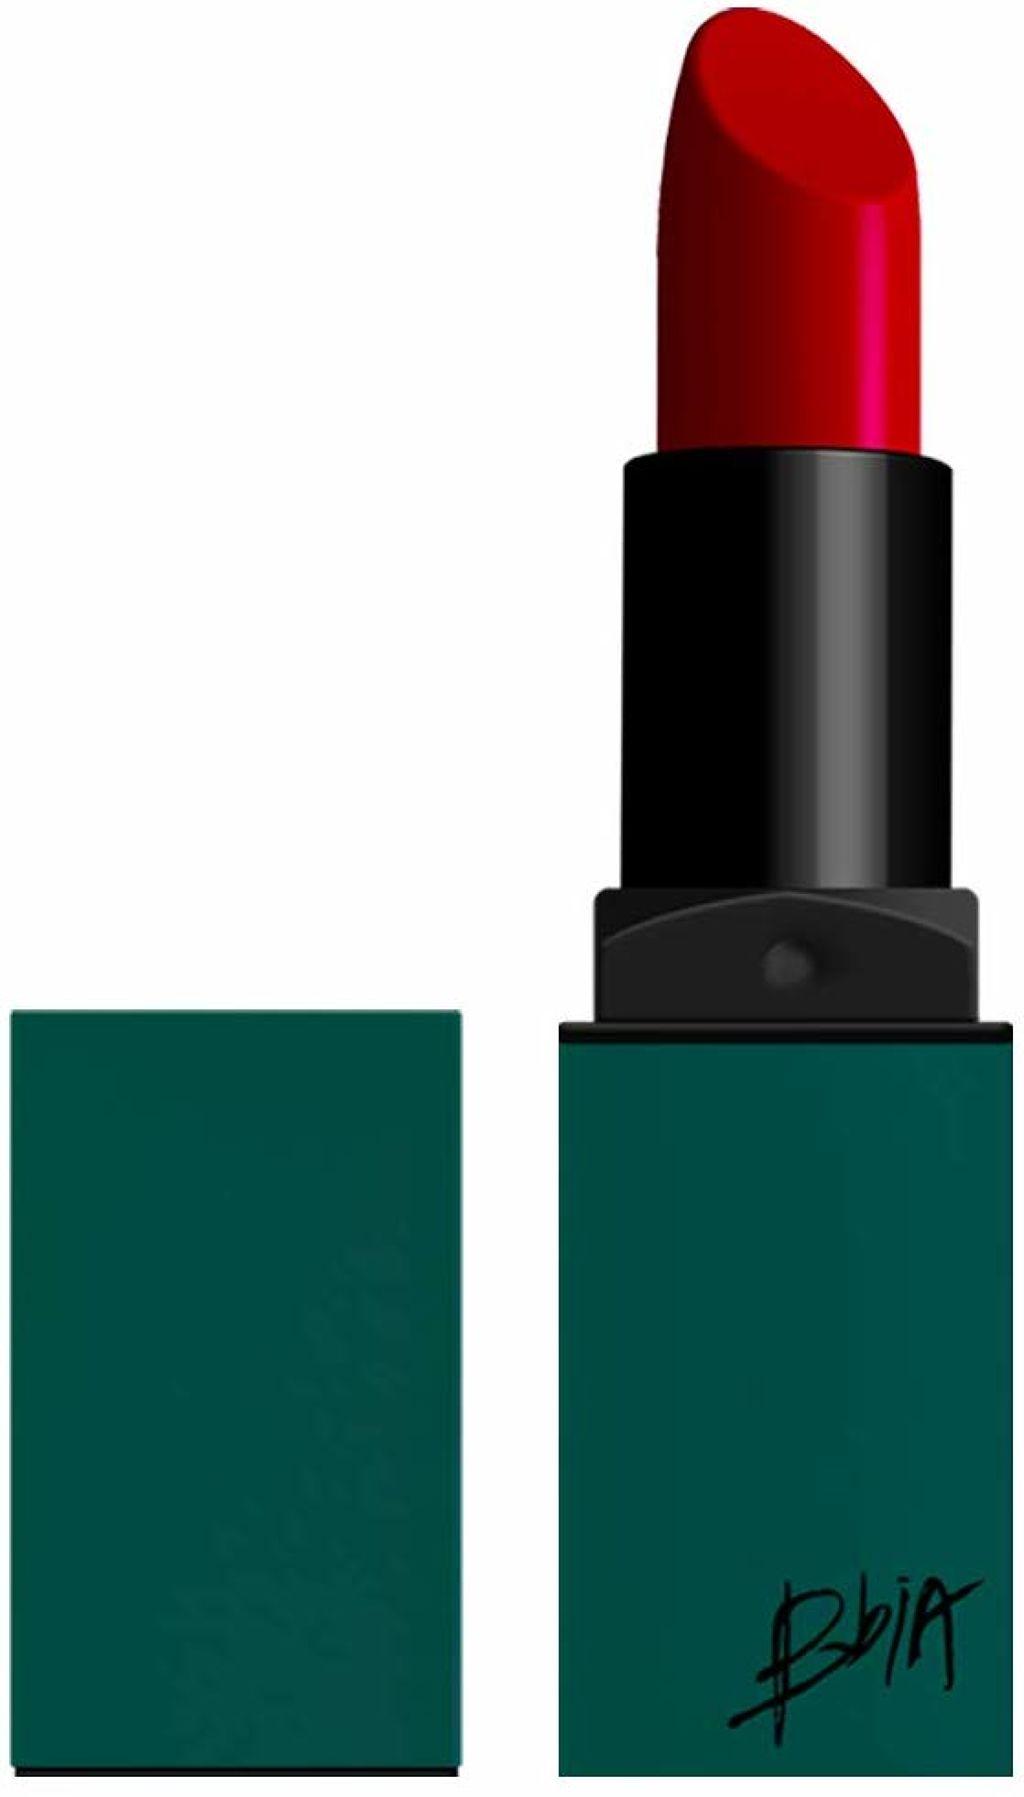 ラストリップスティック 2 #10 卓越の赤